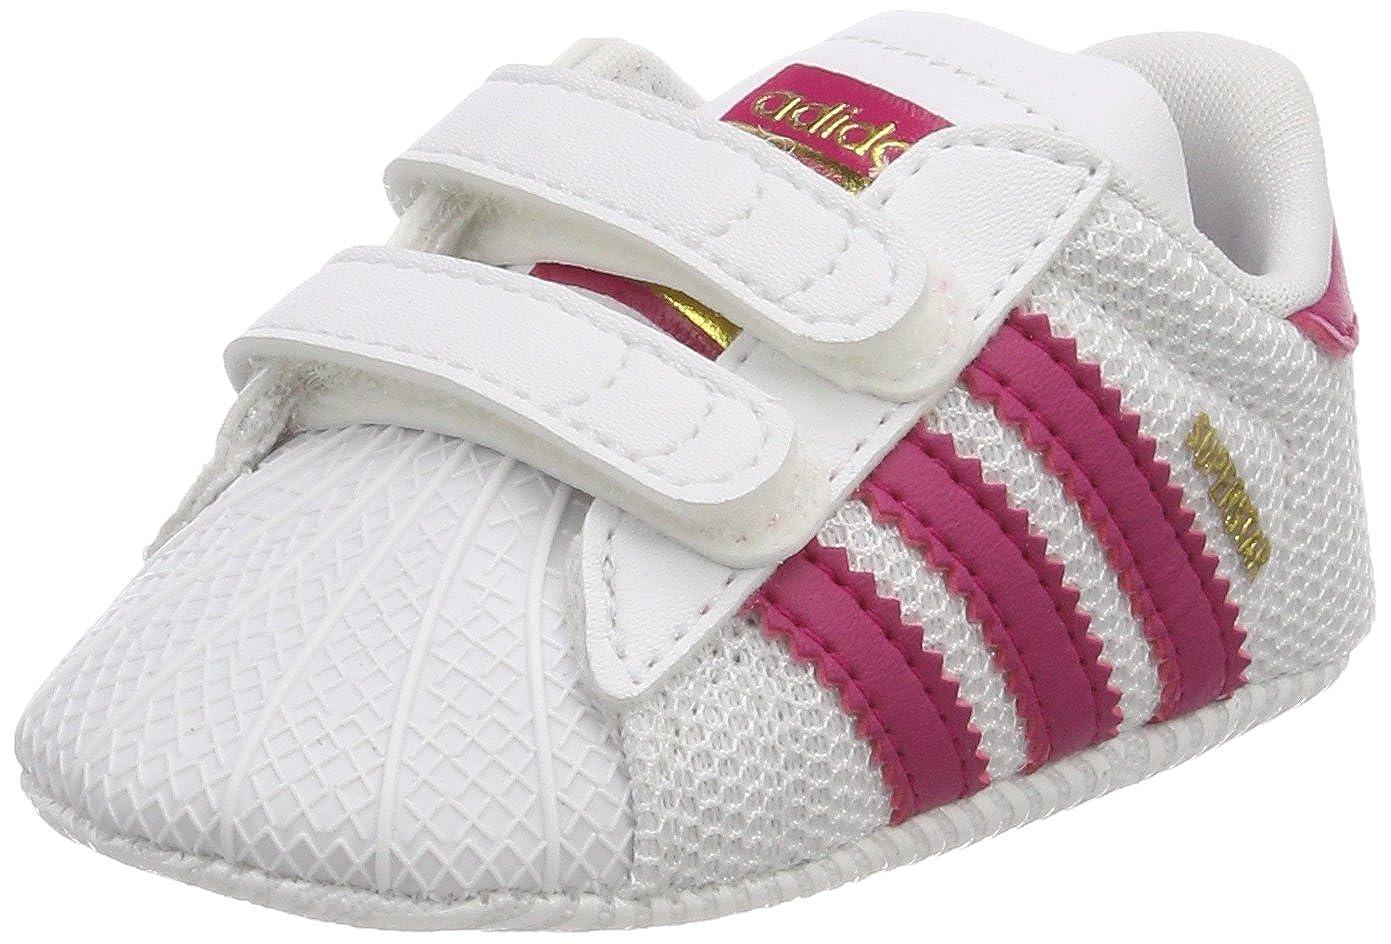 Adidas Superstar Originals Unisex Crib Pantofole Rzz1UWcn